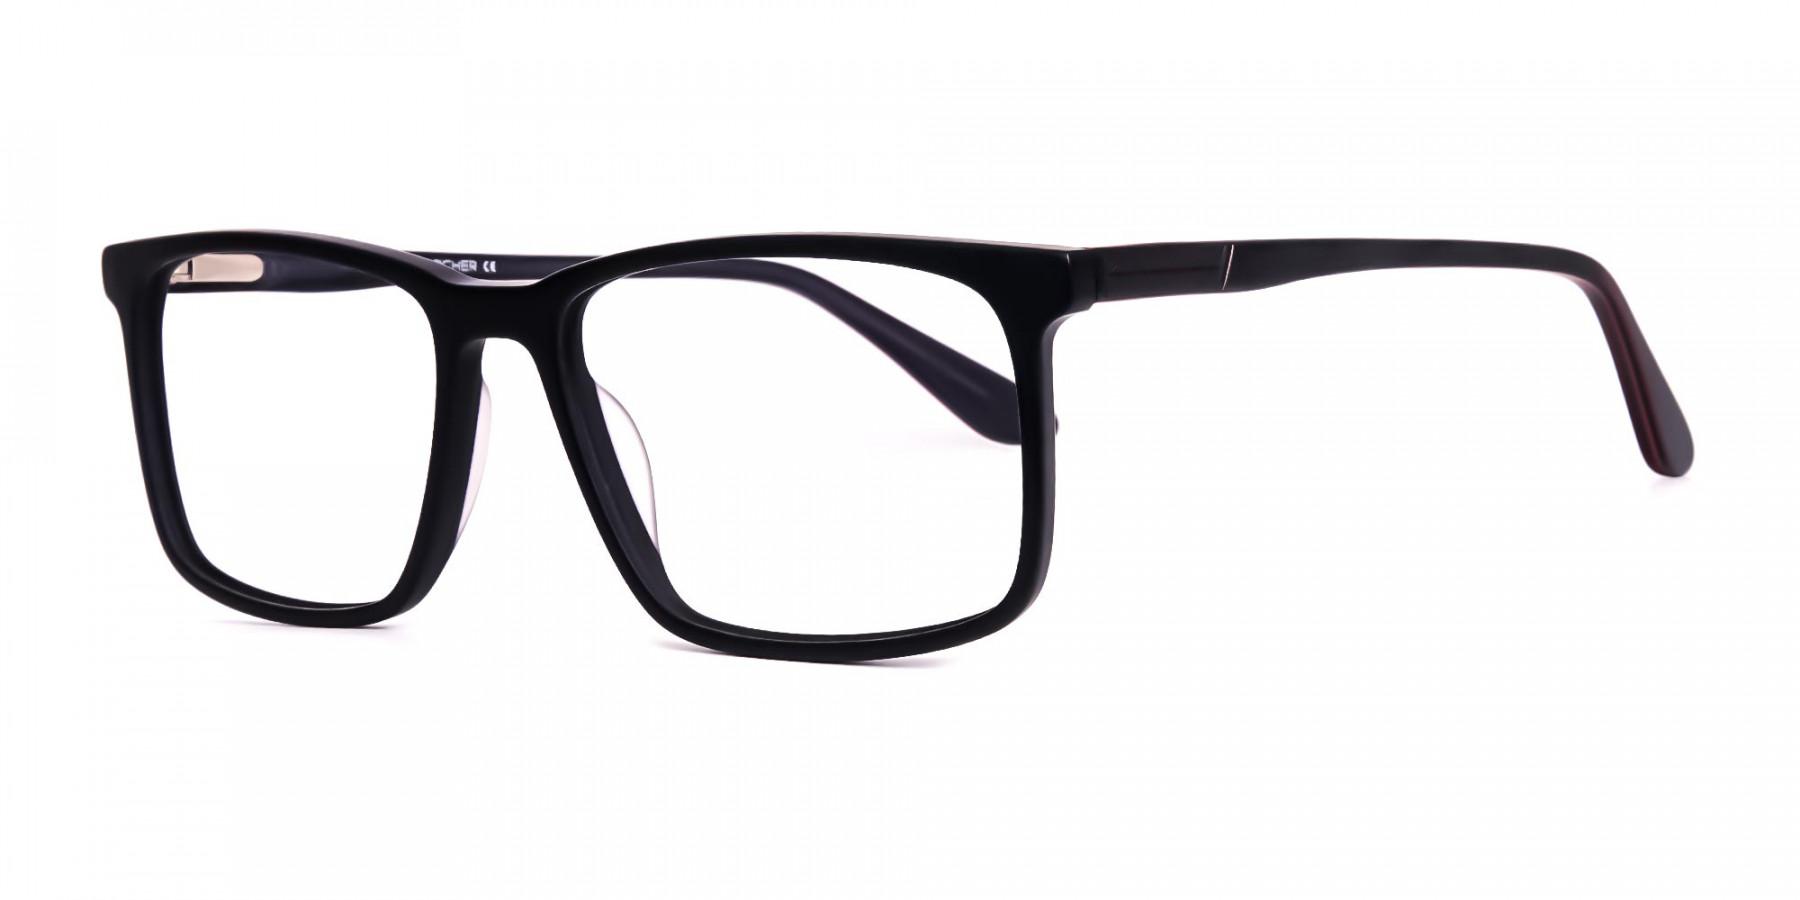 classic-matte-black-full-rim-rectangular-glasses-frames-1